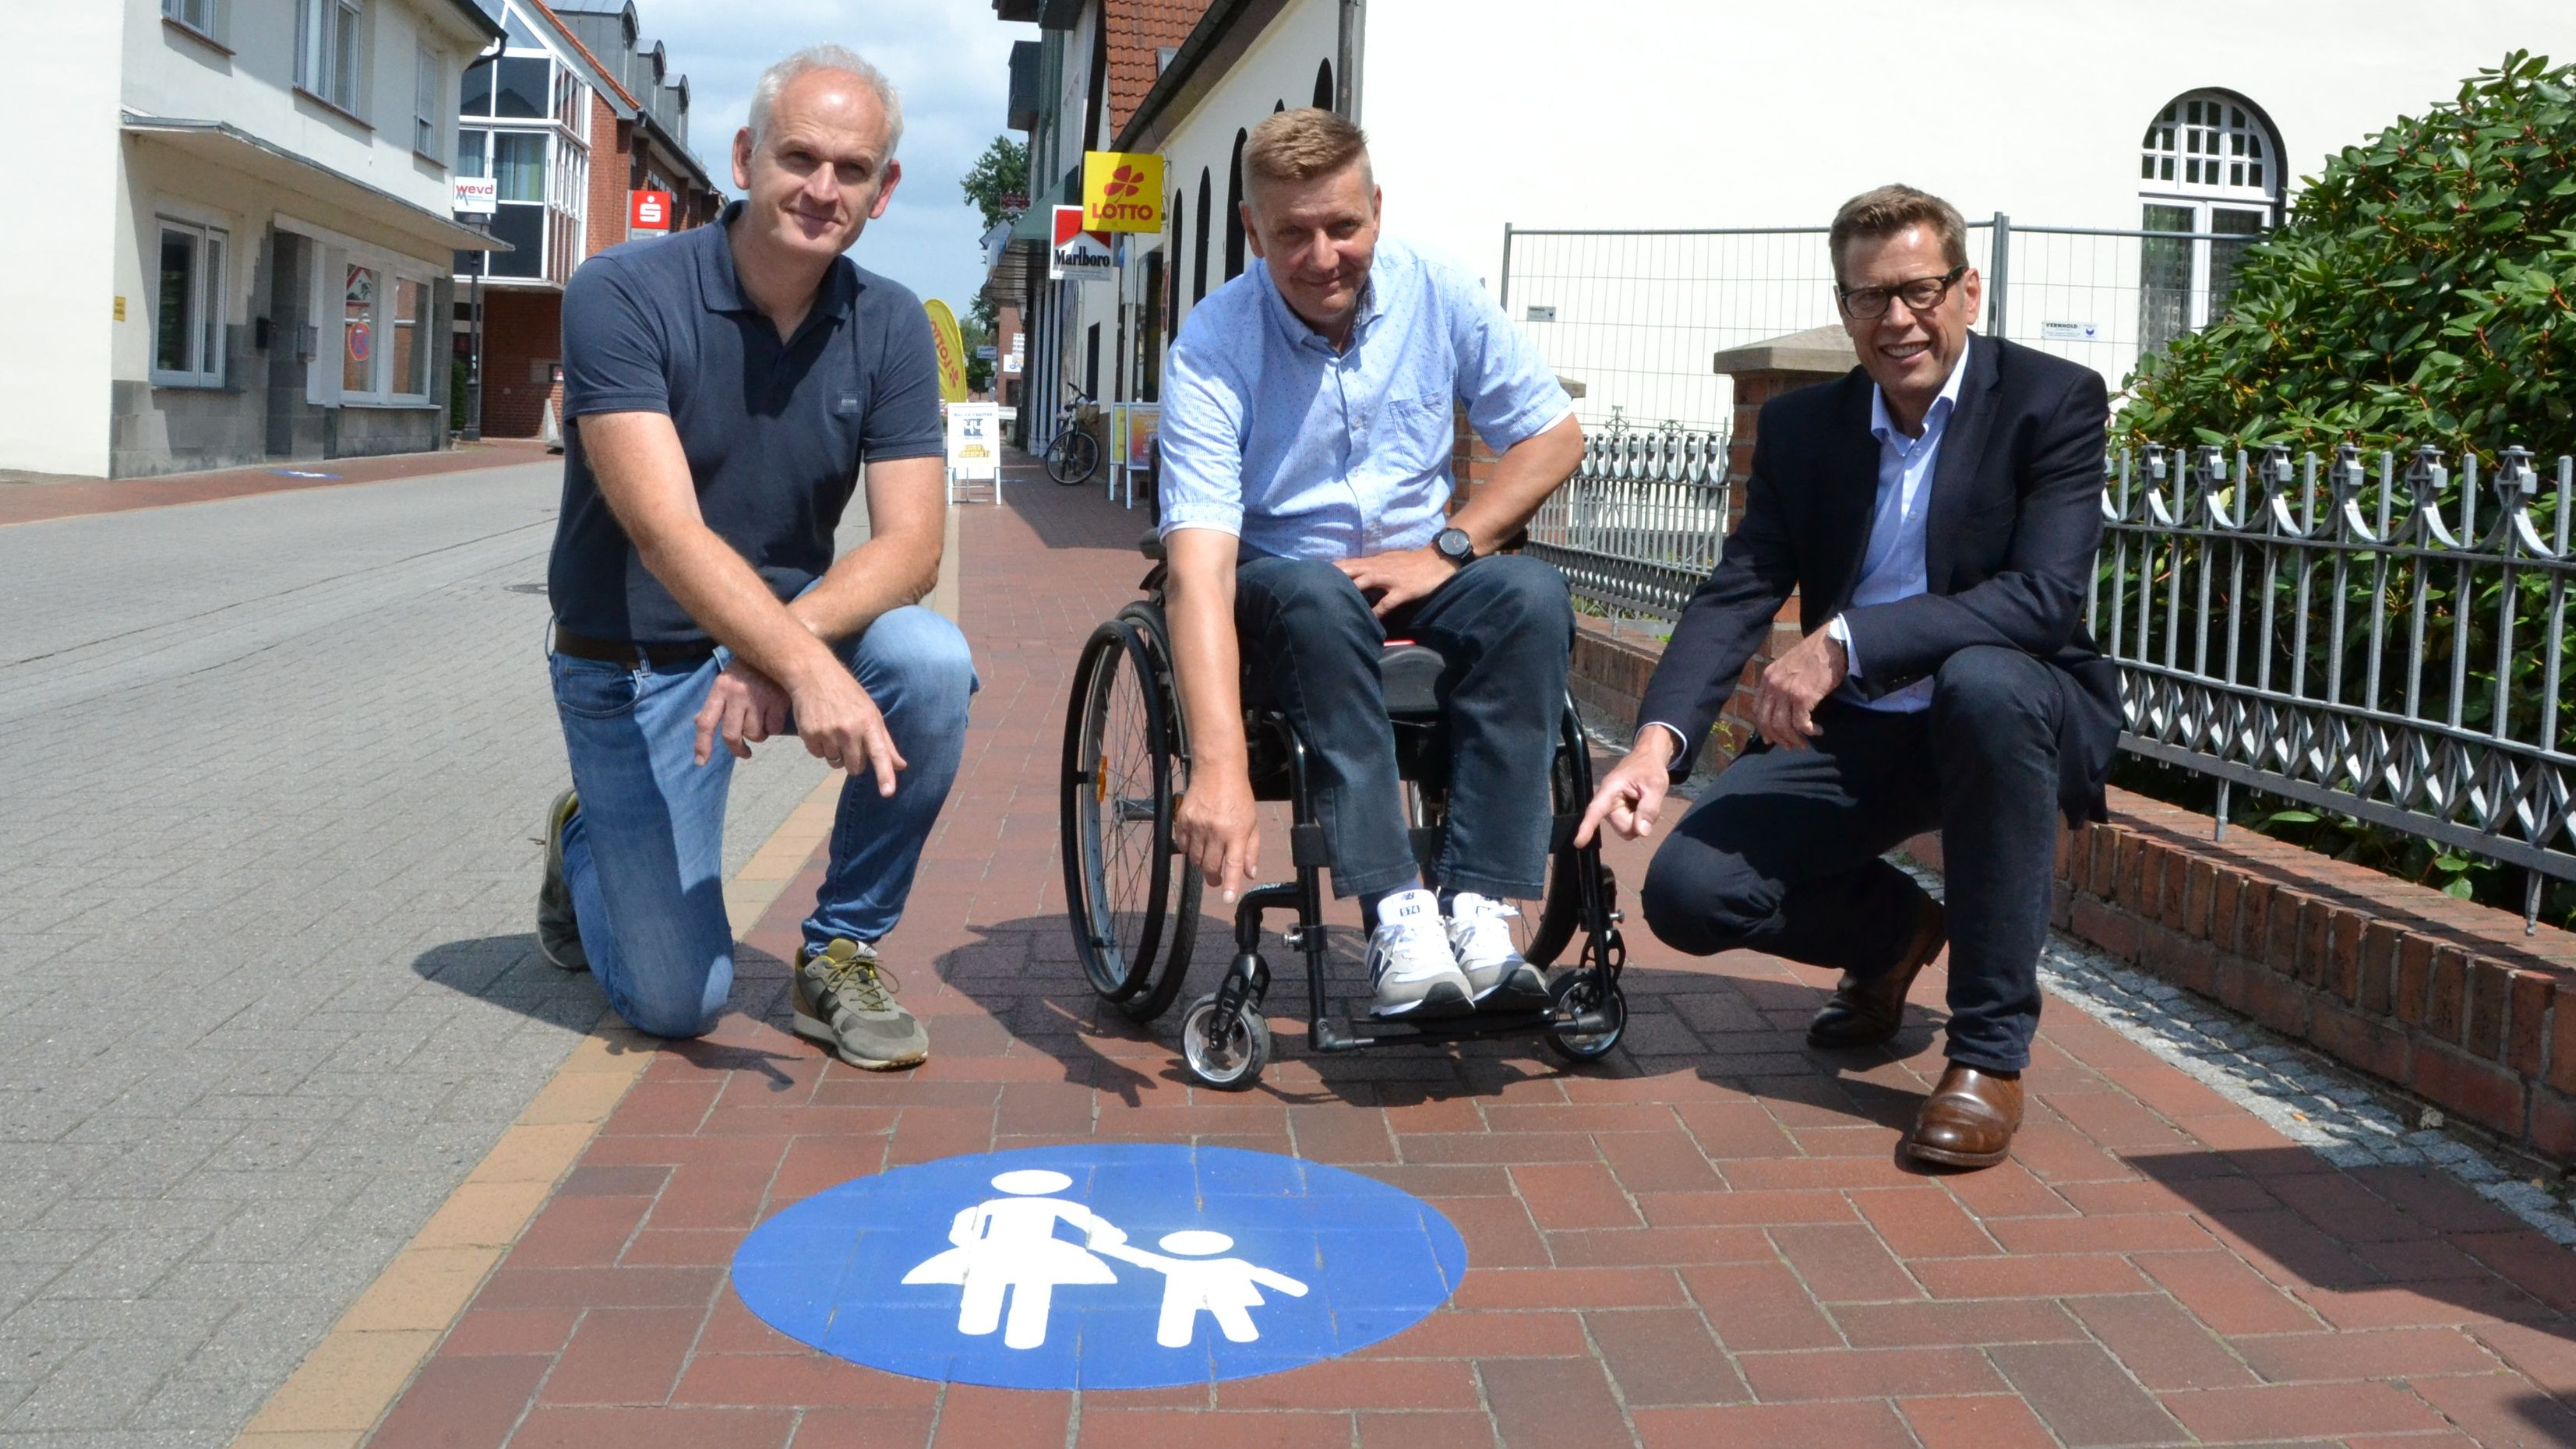 Bitte nicht parken: Markus Willen, Ralf Lampe und Jens Flerlage (von rechts) weisen auf ein neues Piktogramm hin. Foto: G. Meyer